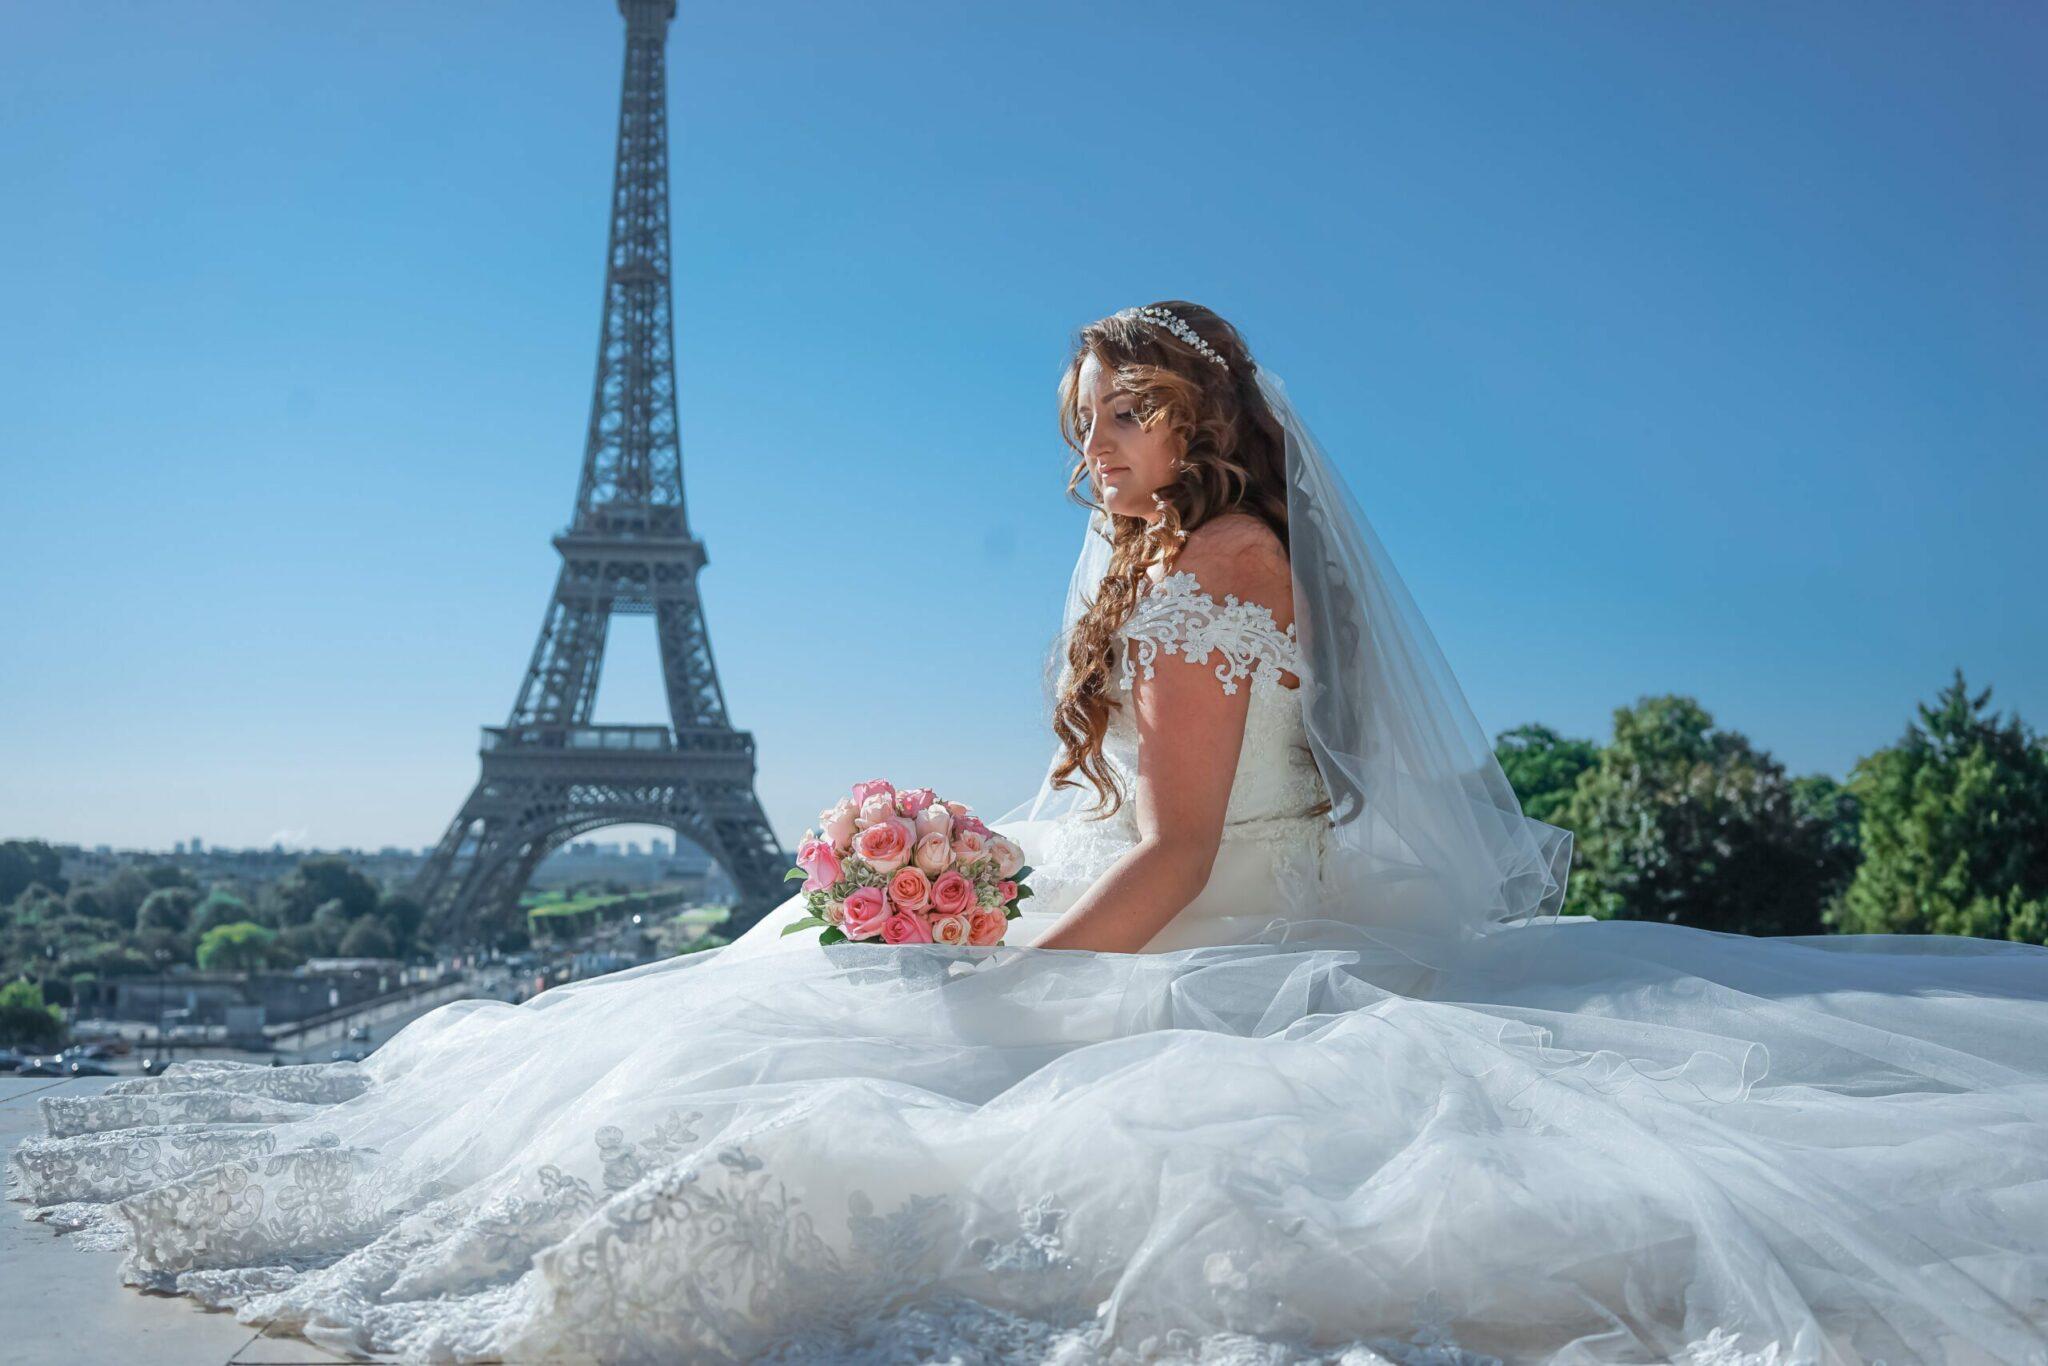 красивая невеста возле эйфелевой башни